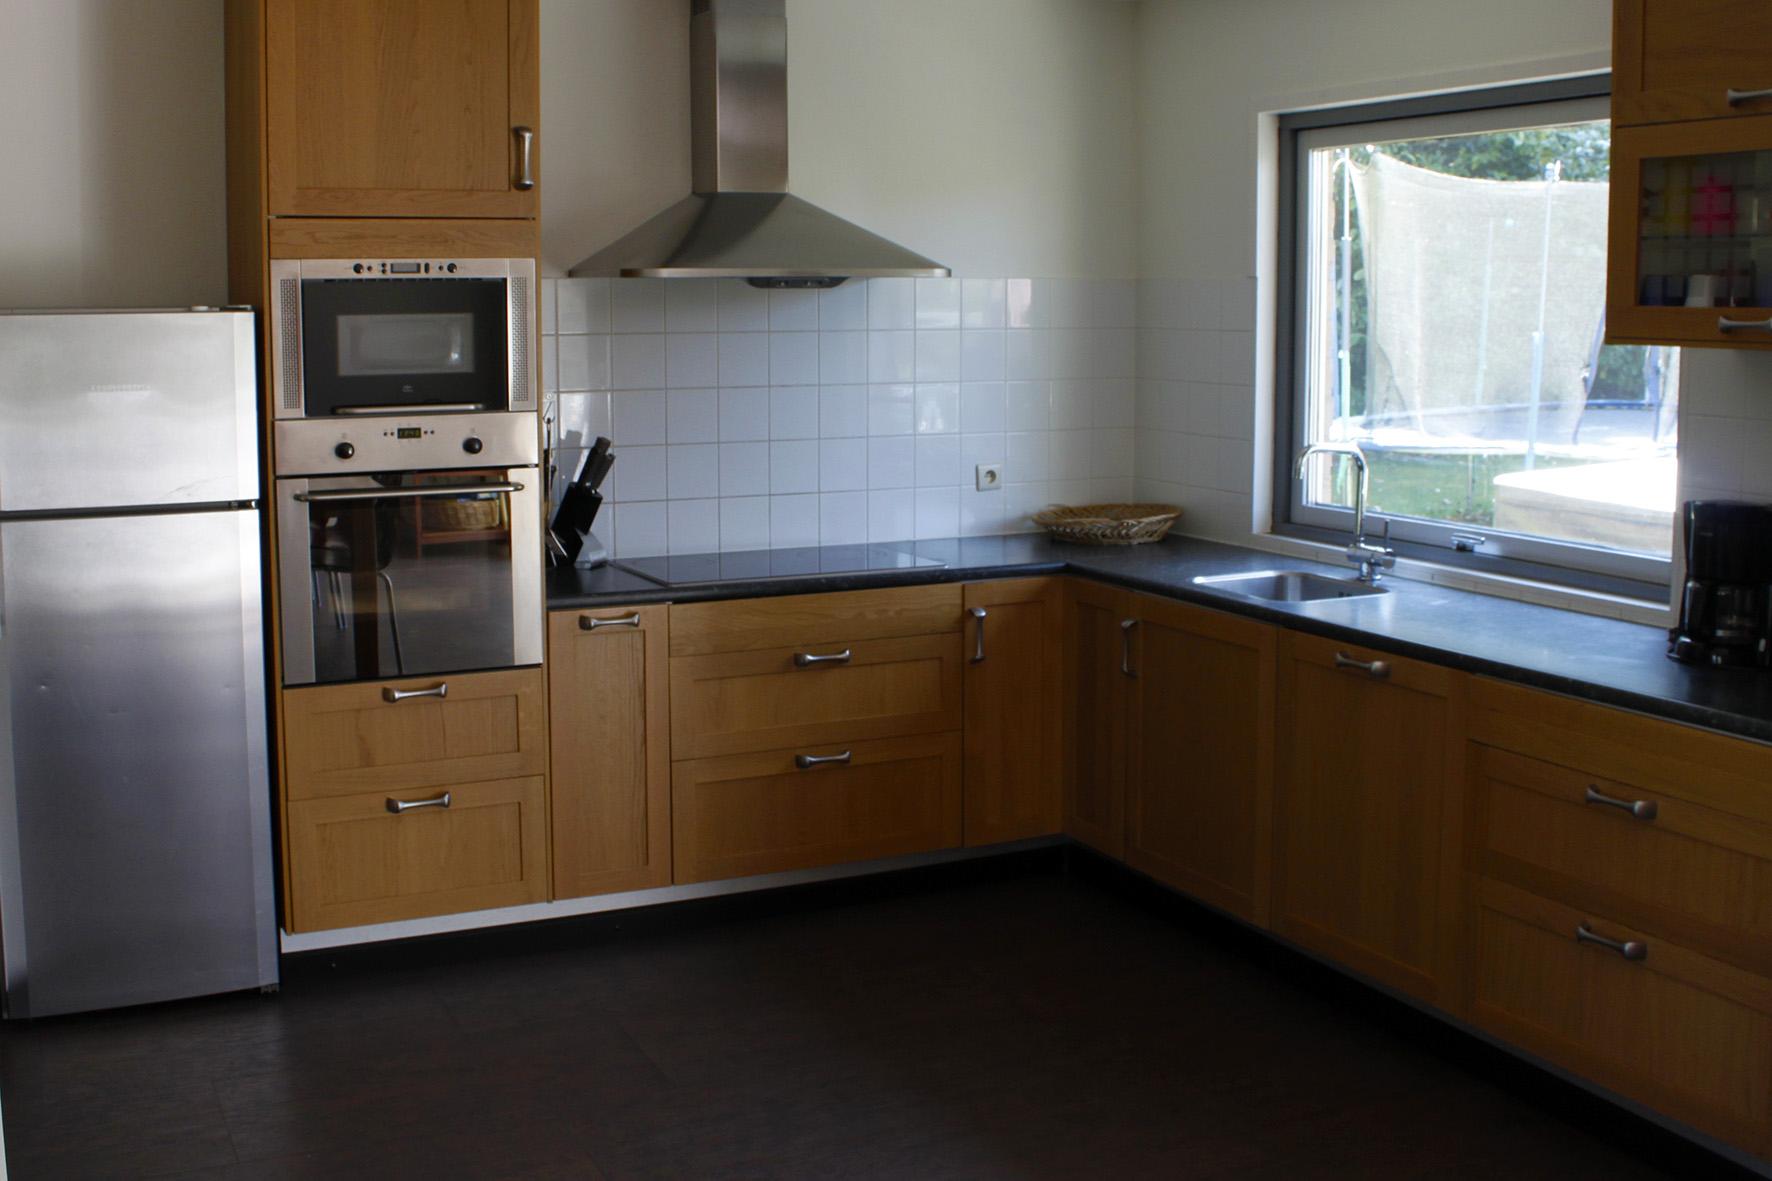 Villa vakantiehuis ardennen bonvie met jacuzzi internet fitness en sauna - Ingerichte keuken ...